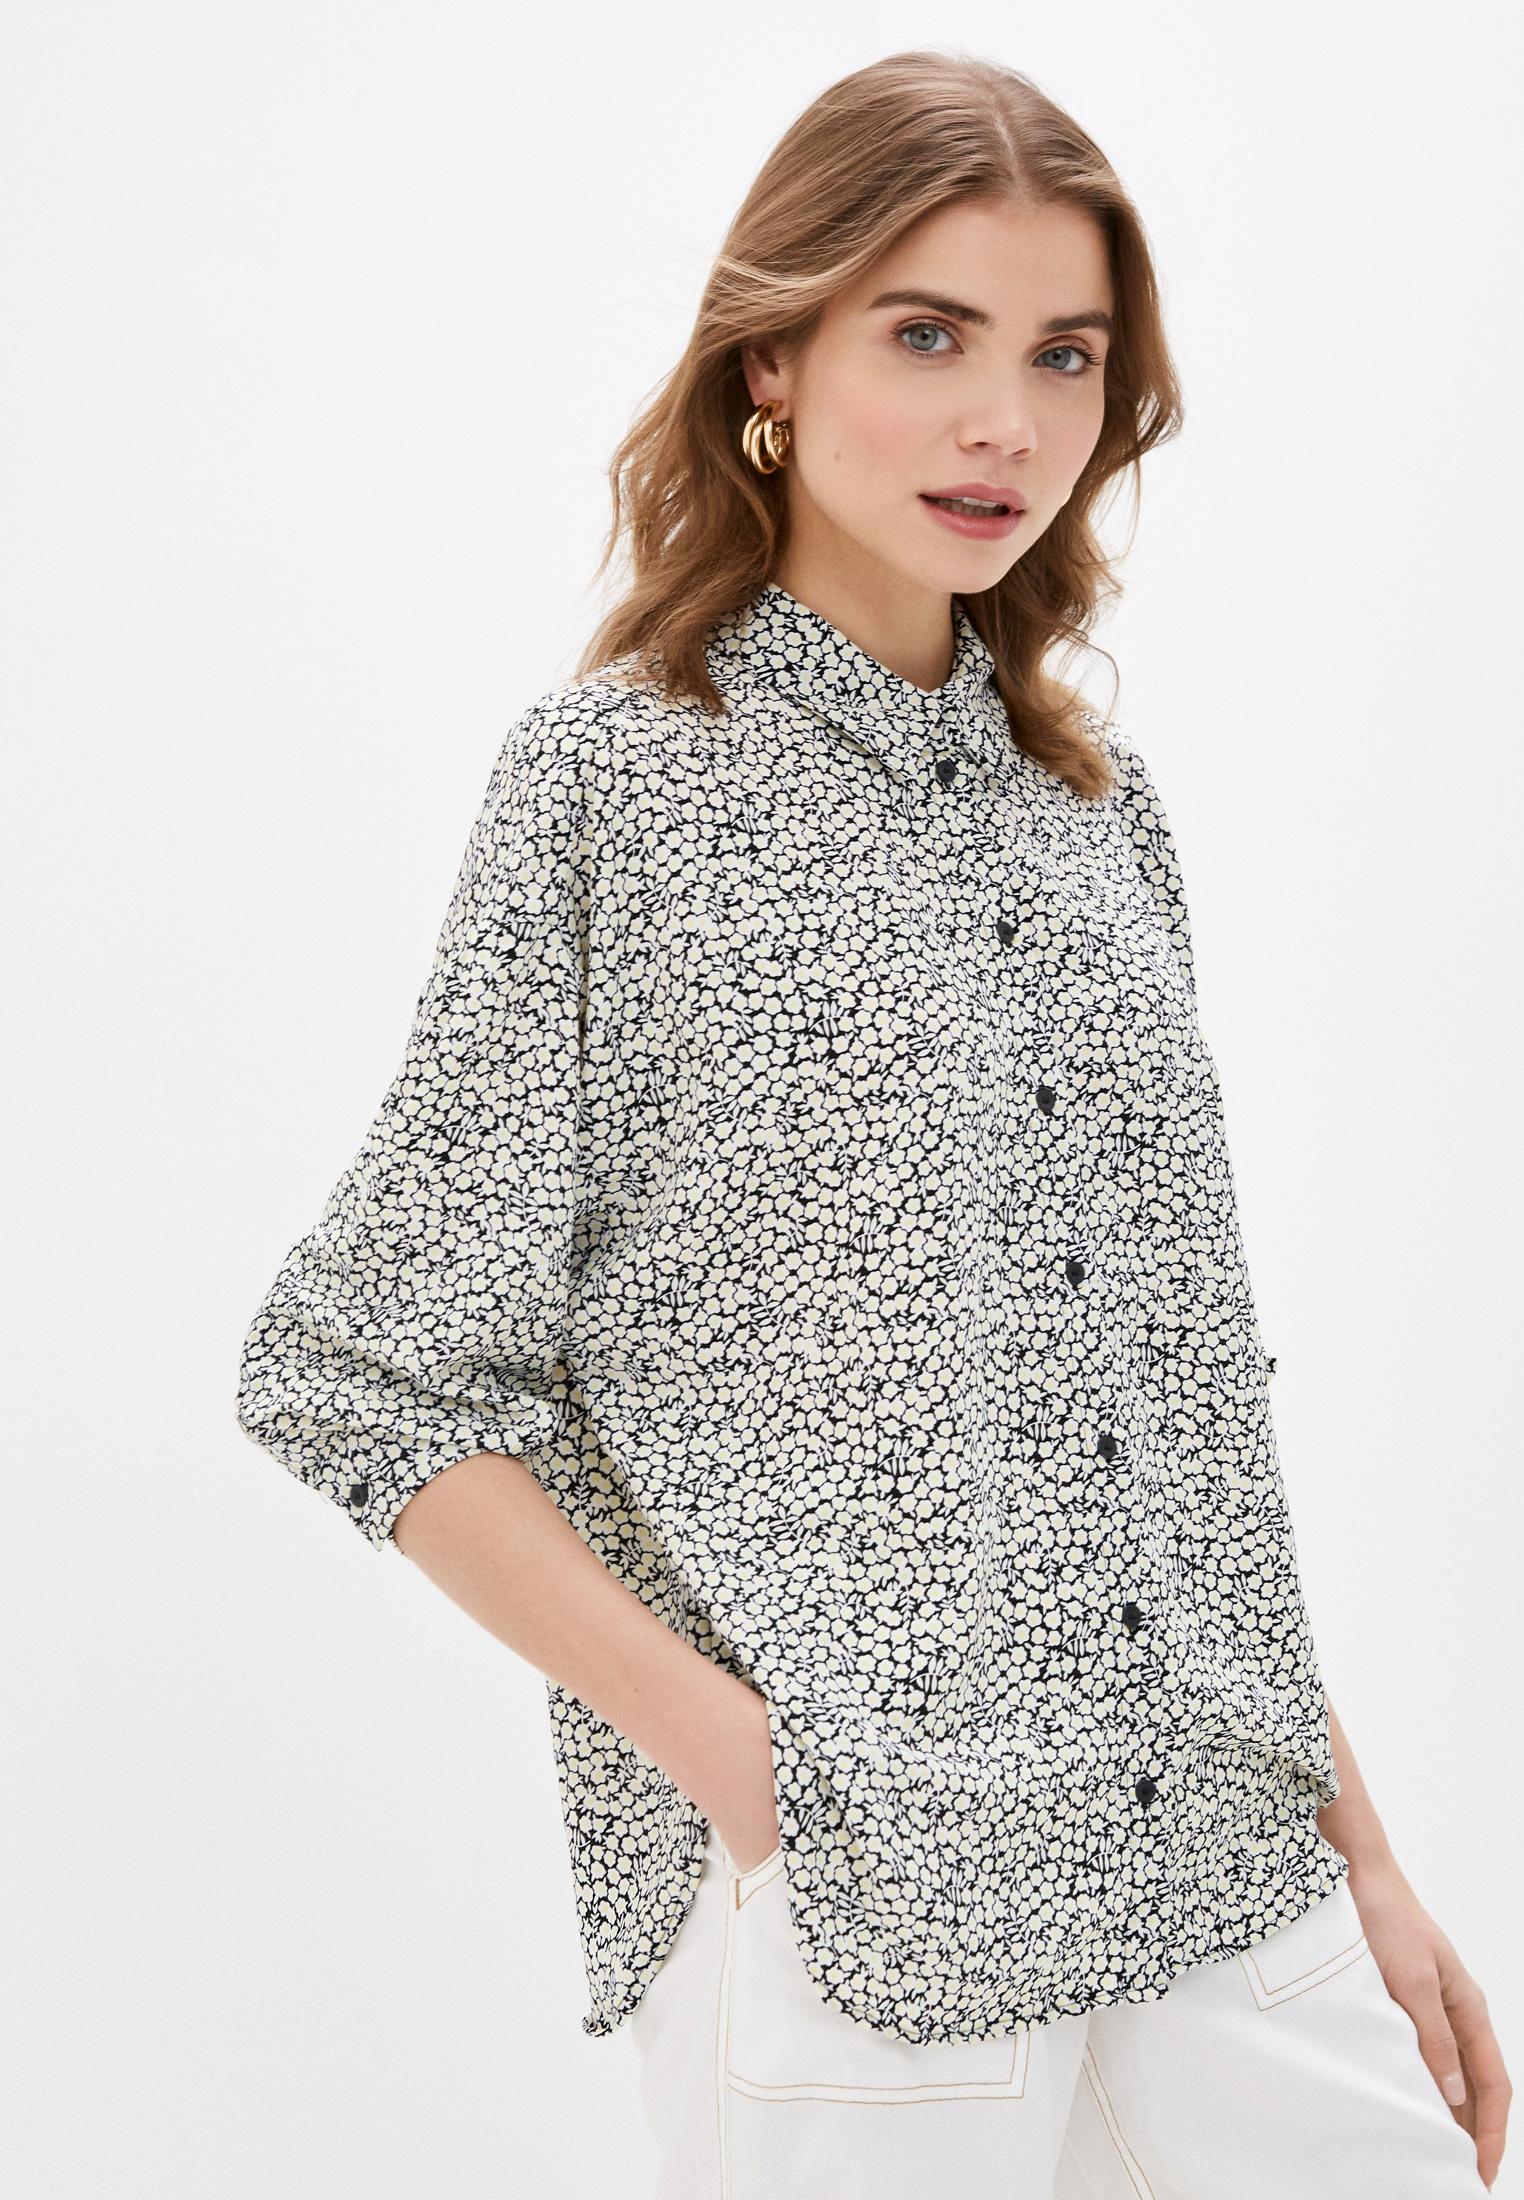 Блуза Sela купить за 599 ₽ в интернет-магазине Lamoda.ru